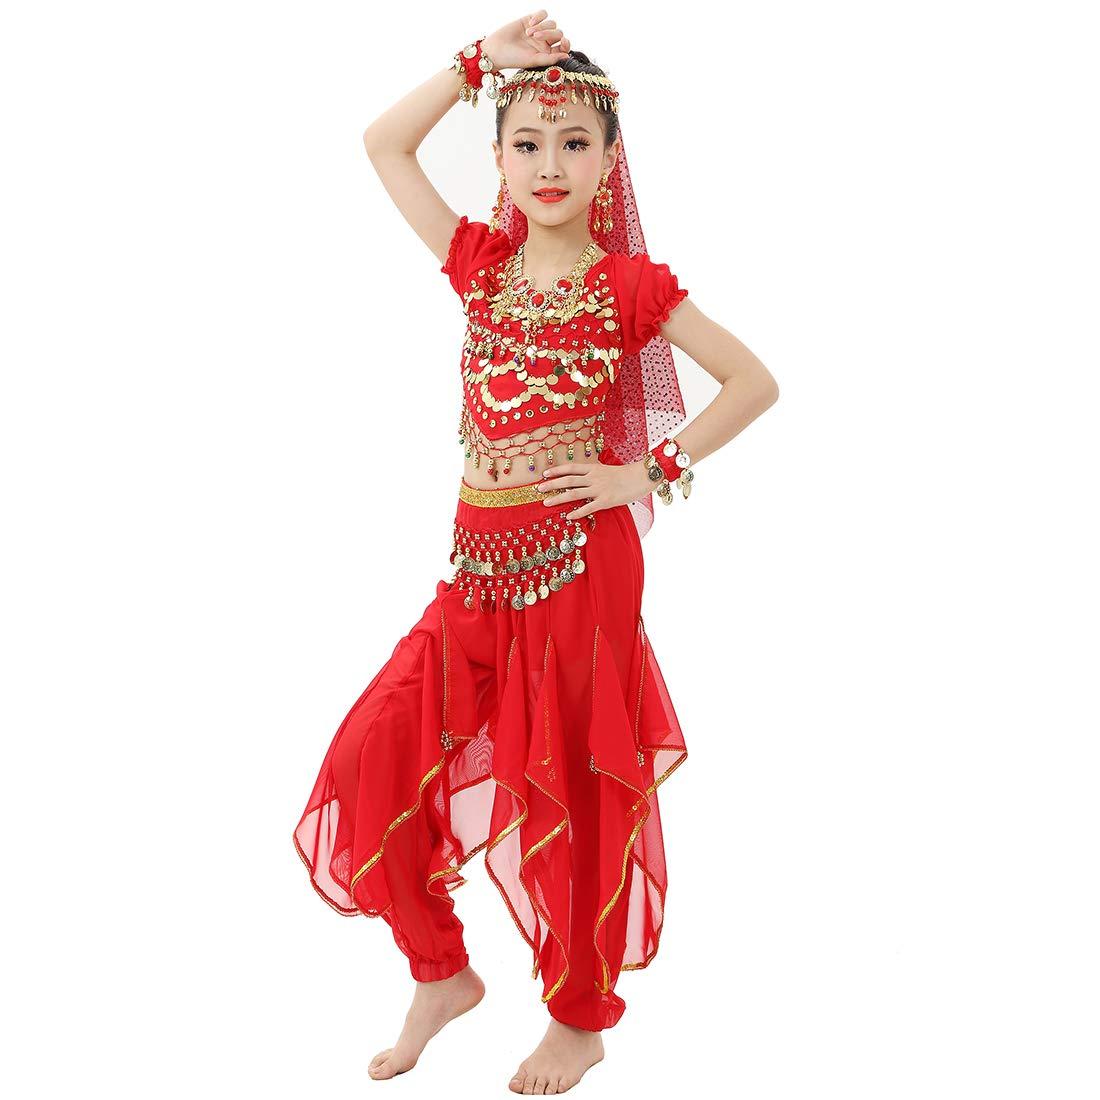 Magogo Mädchen Bauchtanz Kostüm Glänzende Karneval Outfit Party Kostüm, Kinder Prinzessin Arabische Prinzessin Kinder Kleidung Cosplay Dancewear 450f23